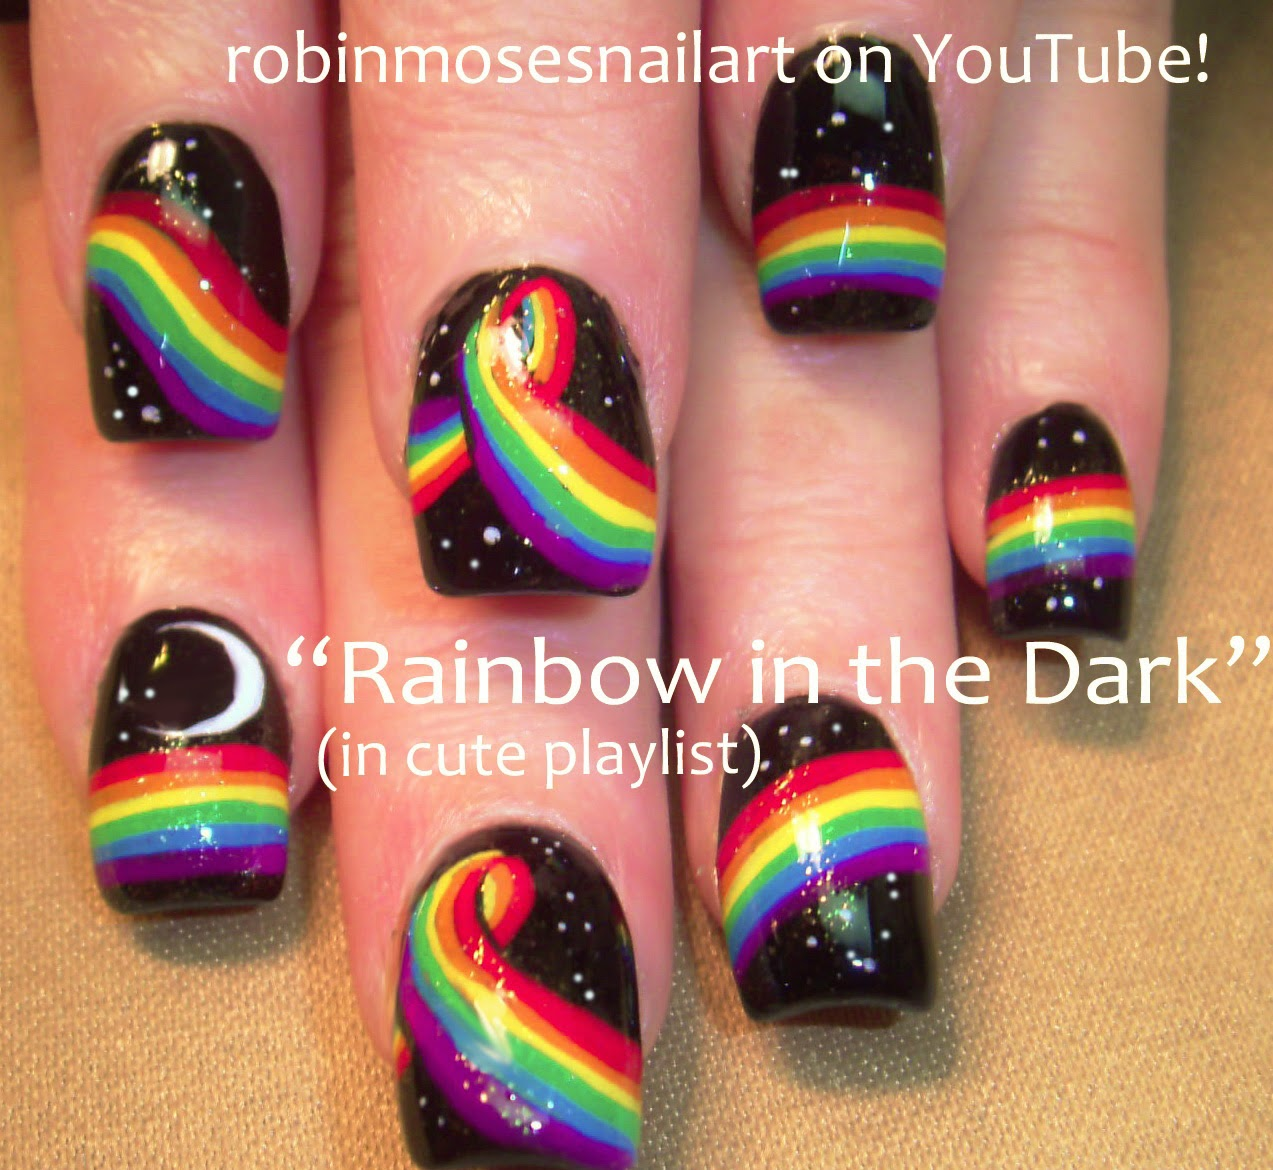 Nail Art Tutorials | Hot Nail Design Playlist | DIY Diva Nails, Lush Nails,  Party Girl Nail Art & Bling for Beginners and Professional Techs! - Robin Moses Nail Art: